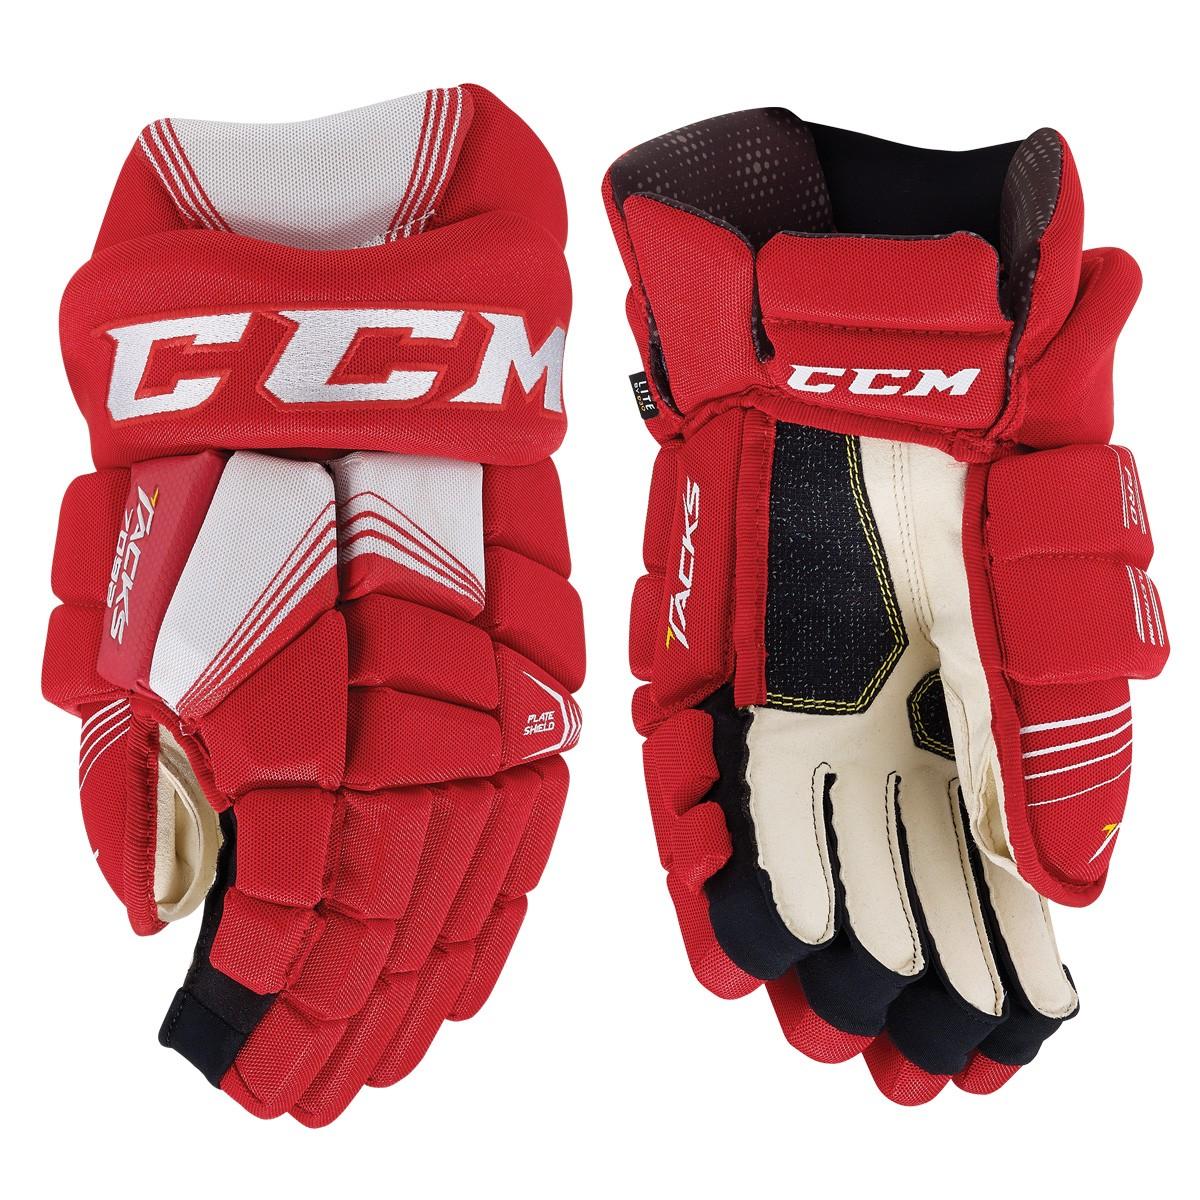 02c08f13d Hokejové rukavice Junior | HockeyProShop - Milujeme hokej. Stejně jako ty!